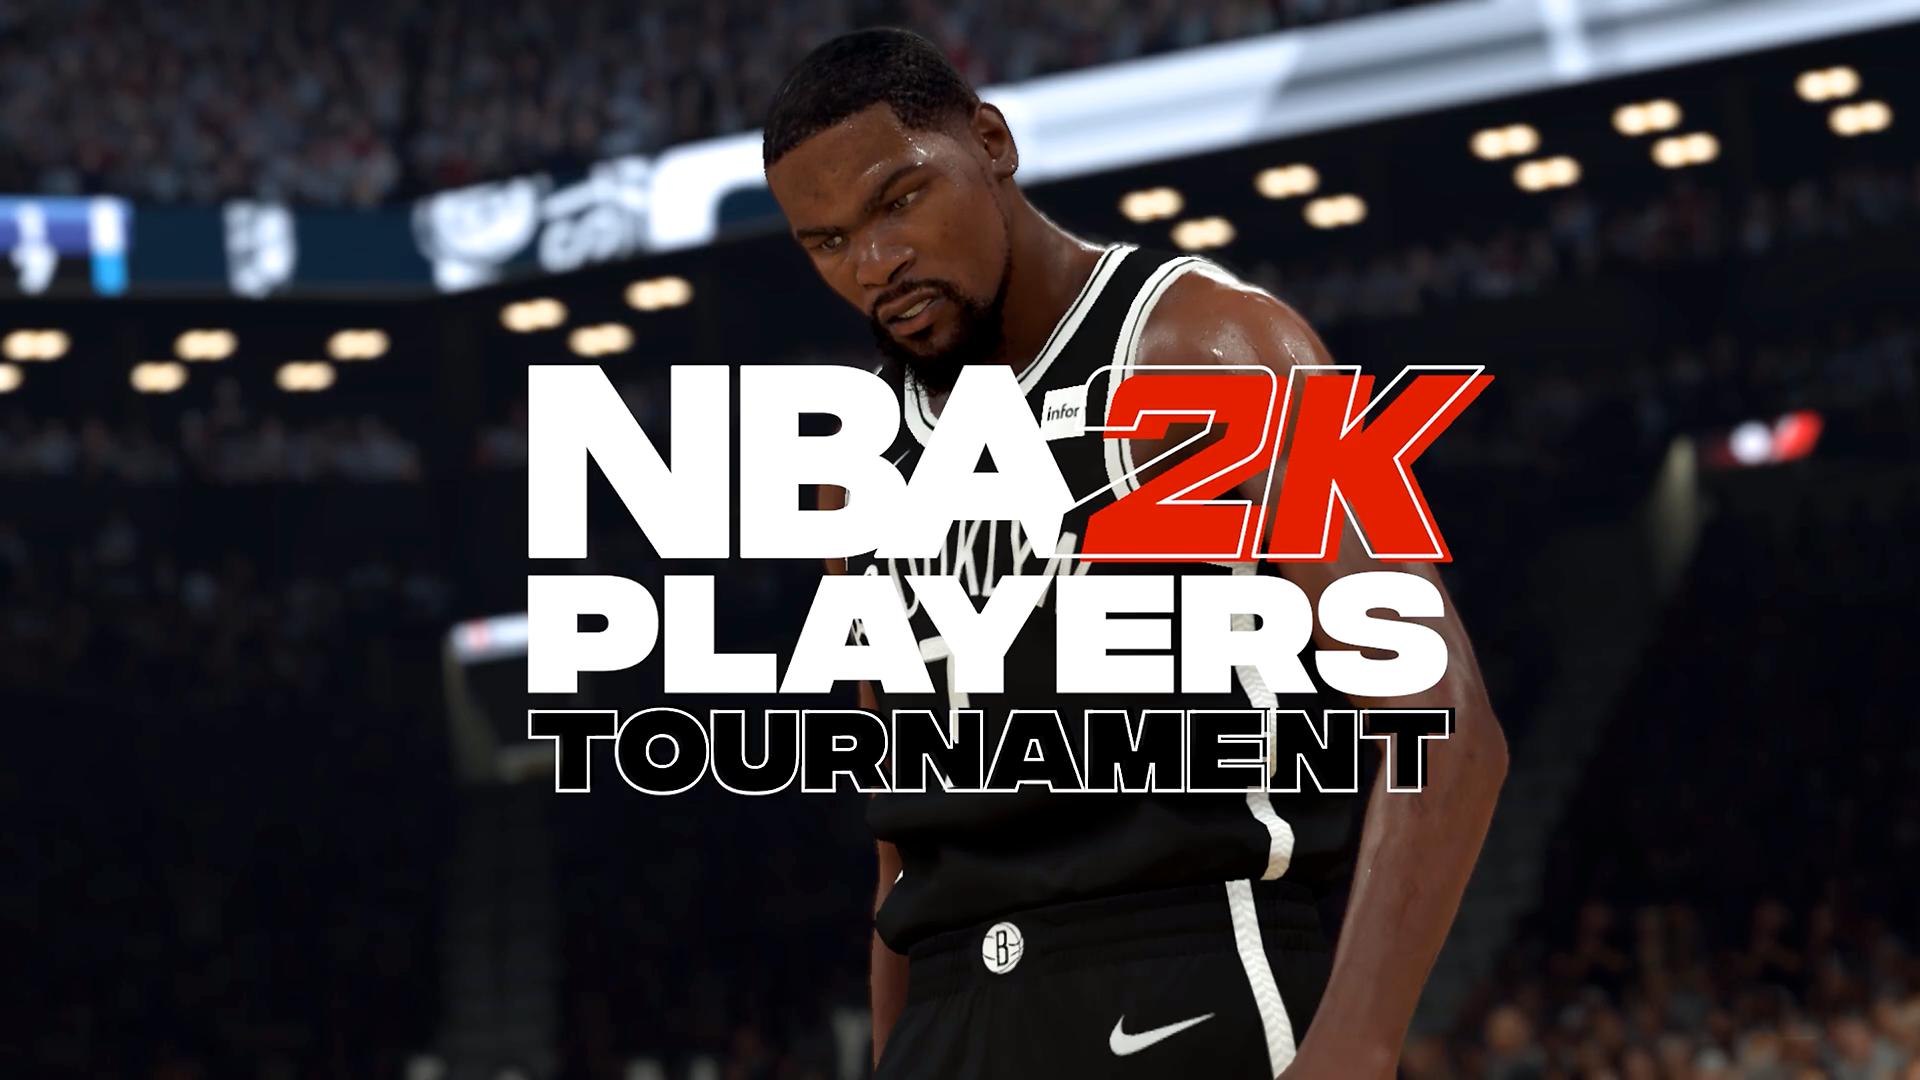 Grupo de torneos 'NBA 2K': transmisión en vivo y resultados de cada partido durante el Torneo de jugadores de ESPN 30